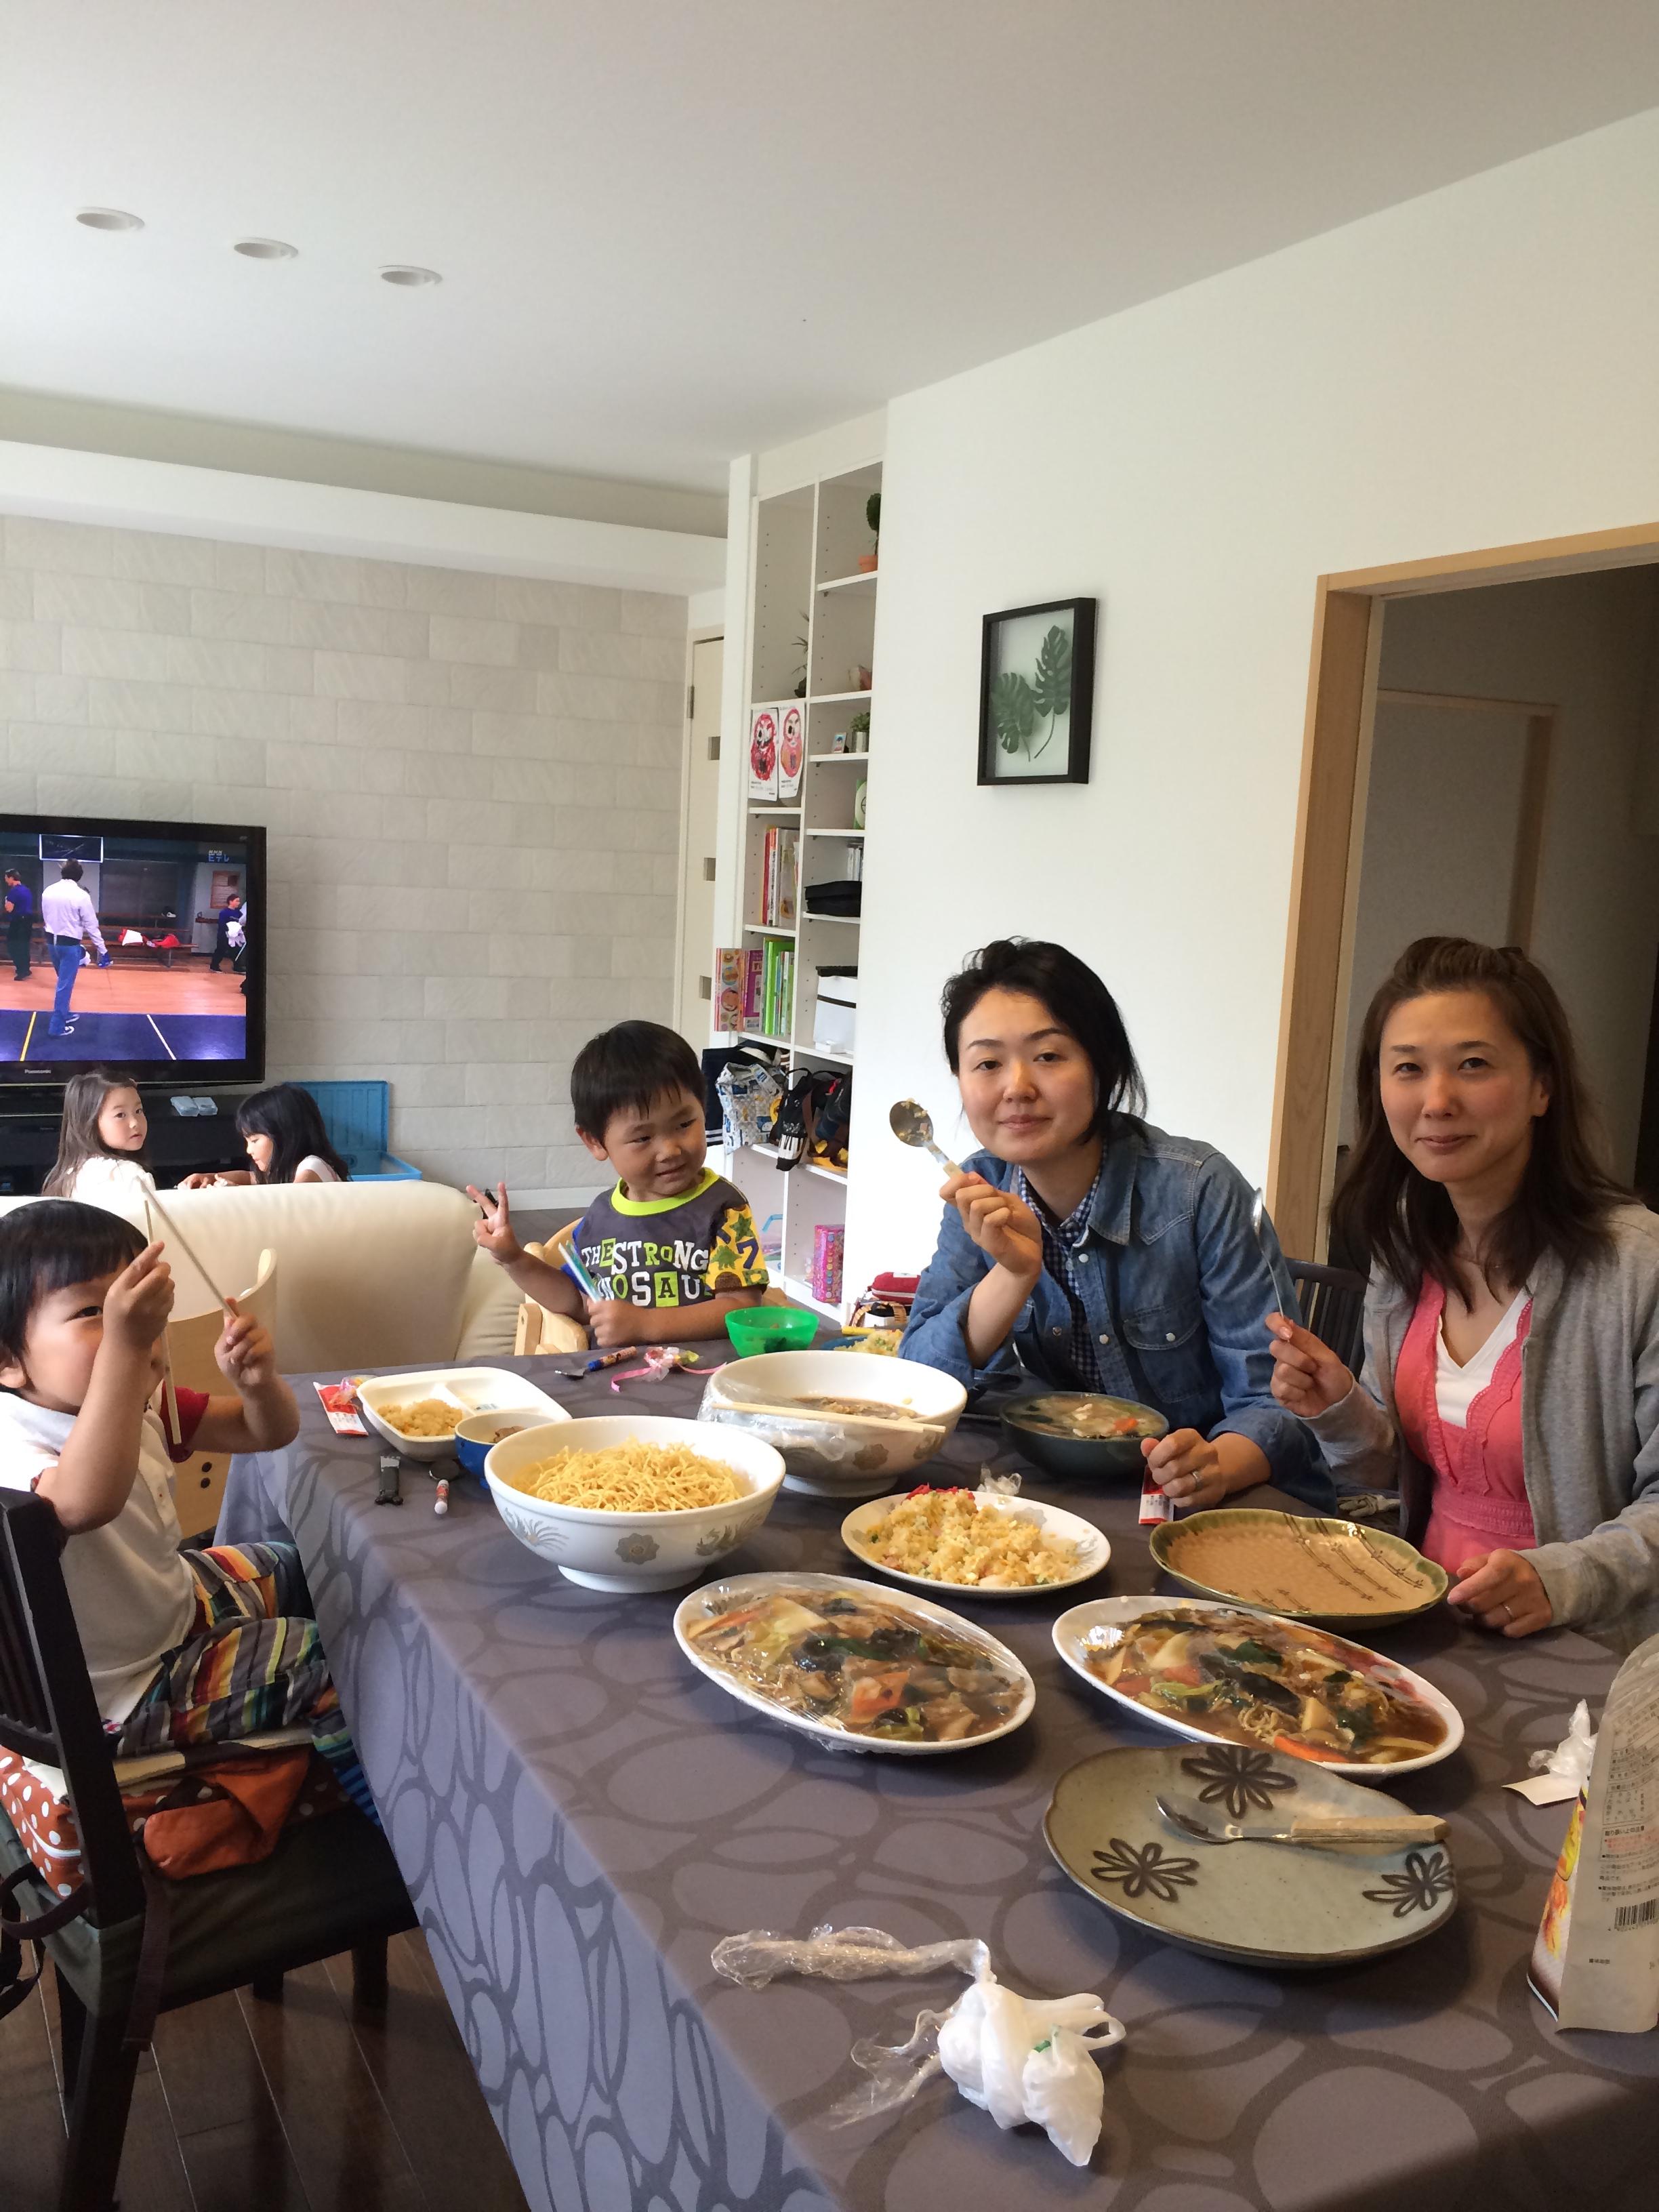 実際の北澤家庭です。一緒にご飯を食べましょう。